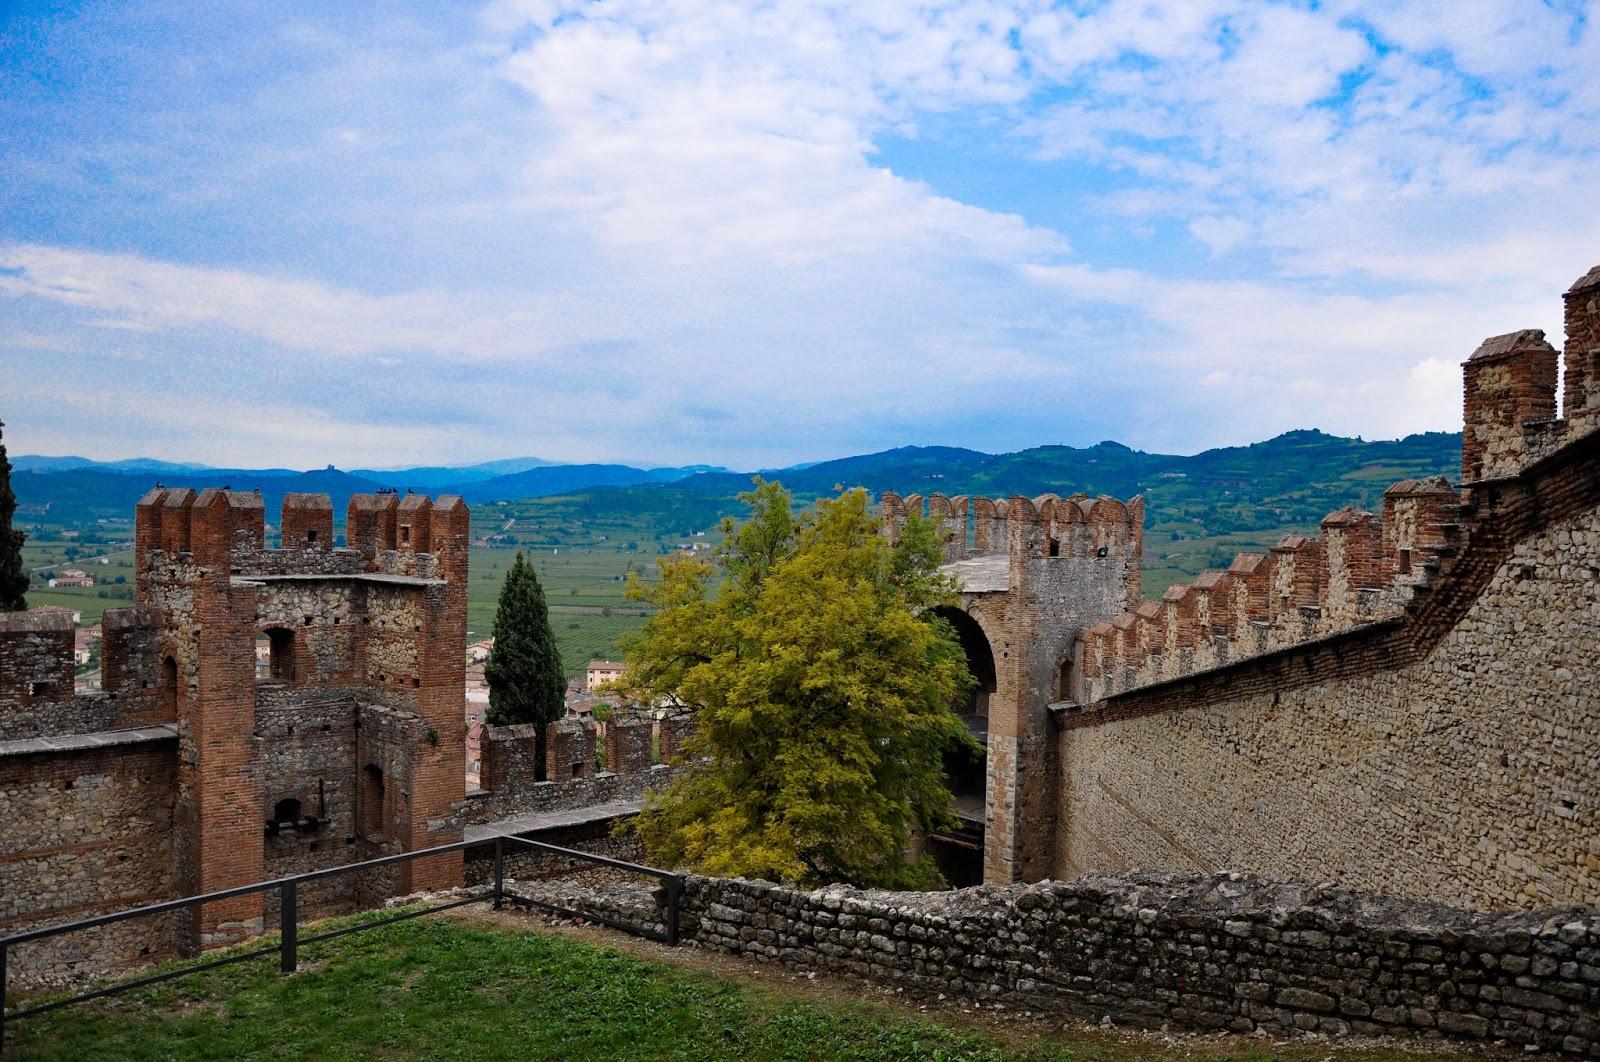 Veneto seen from Soave Castle, Soave, Veneto, Italy